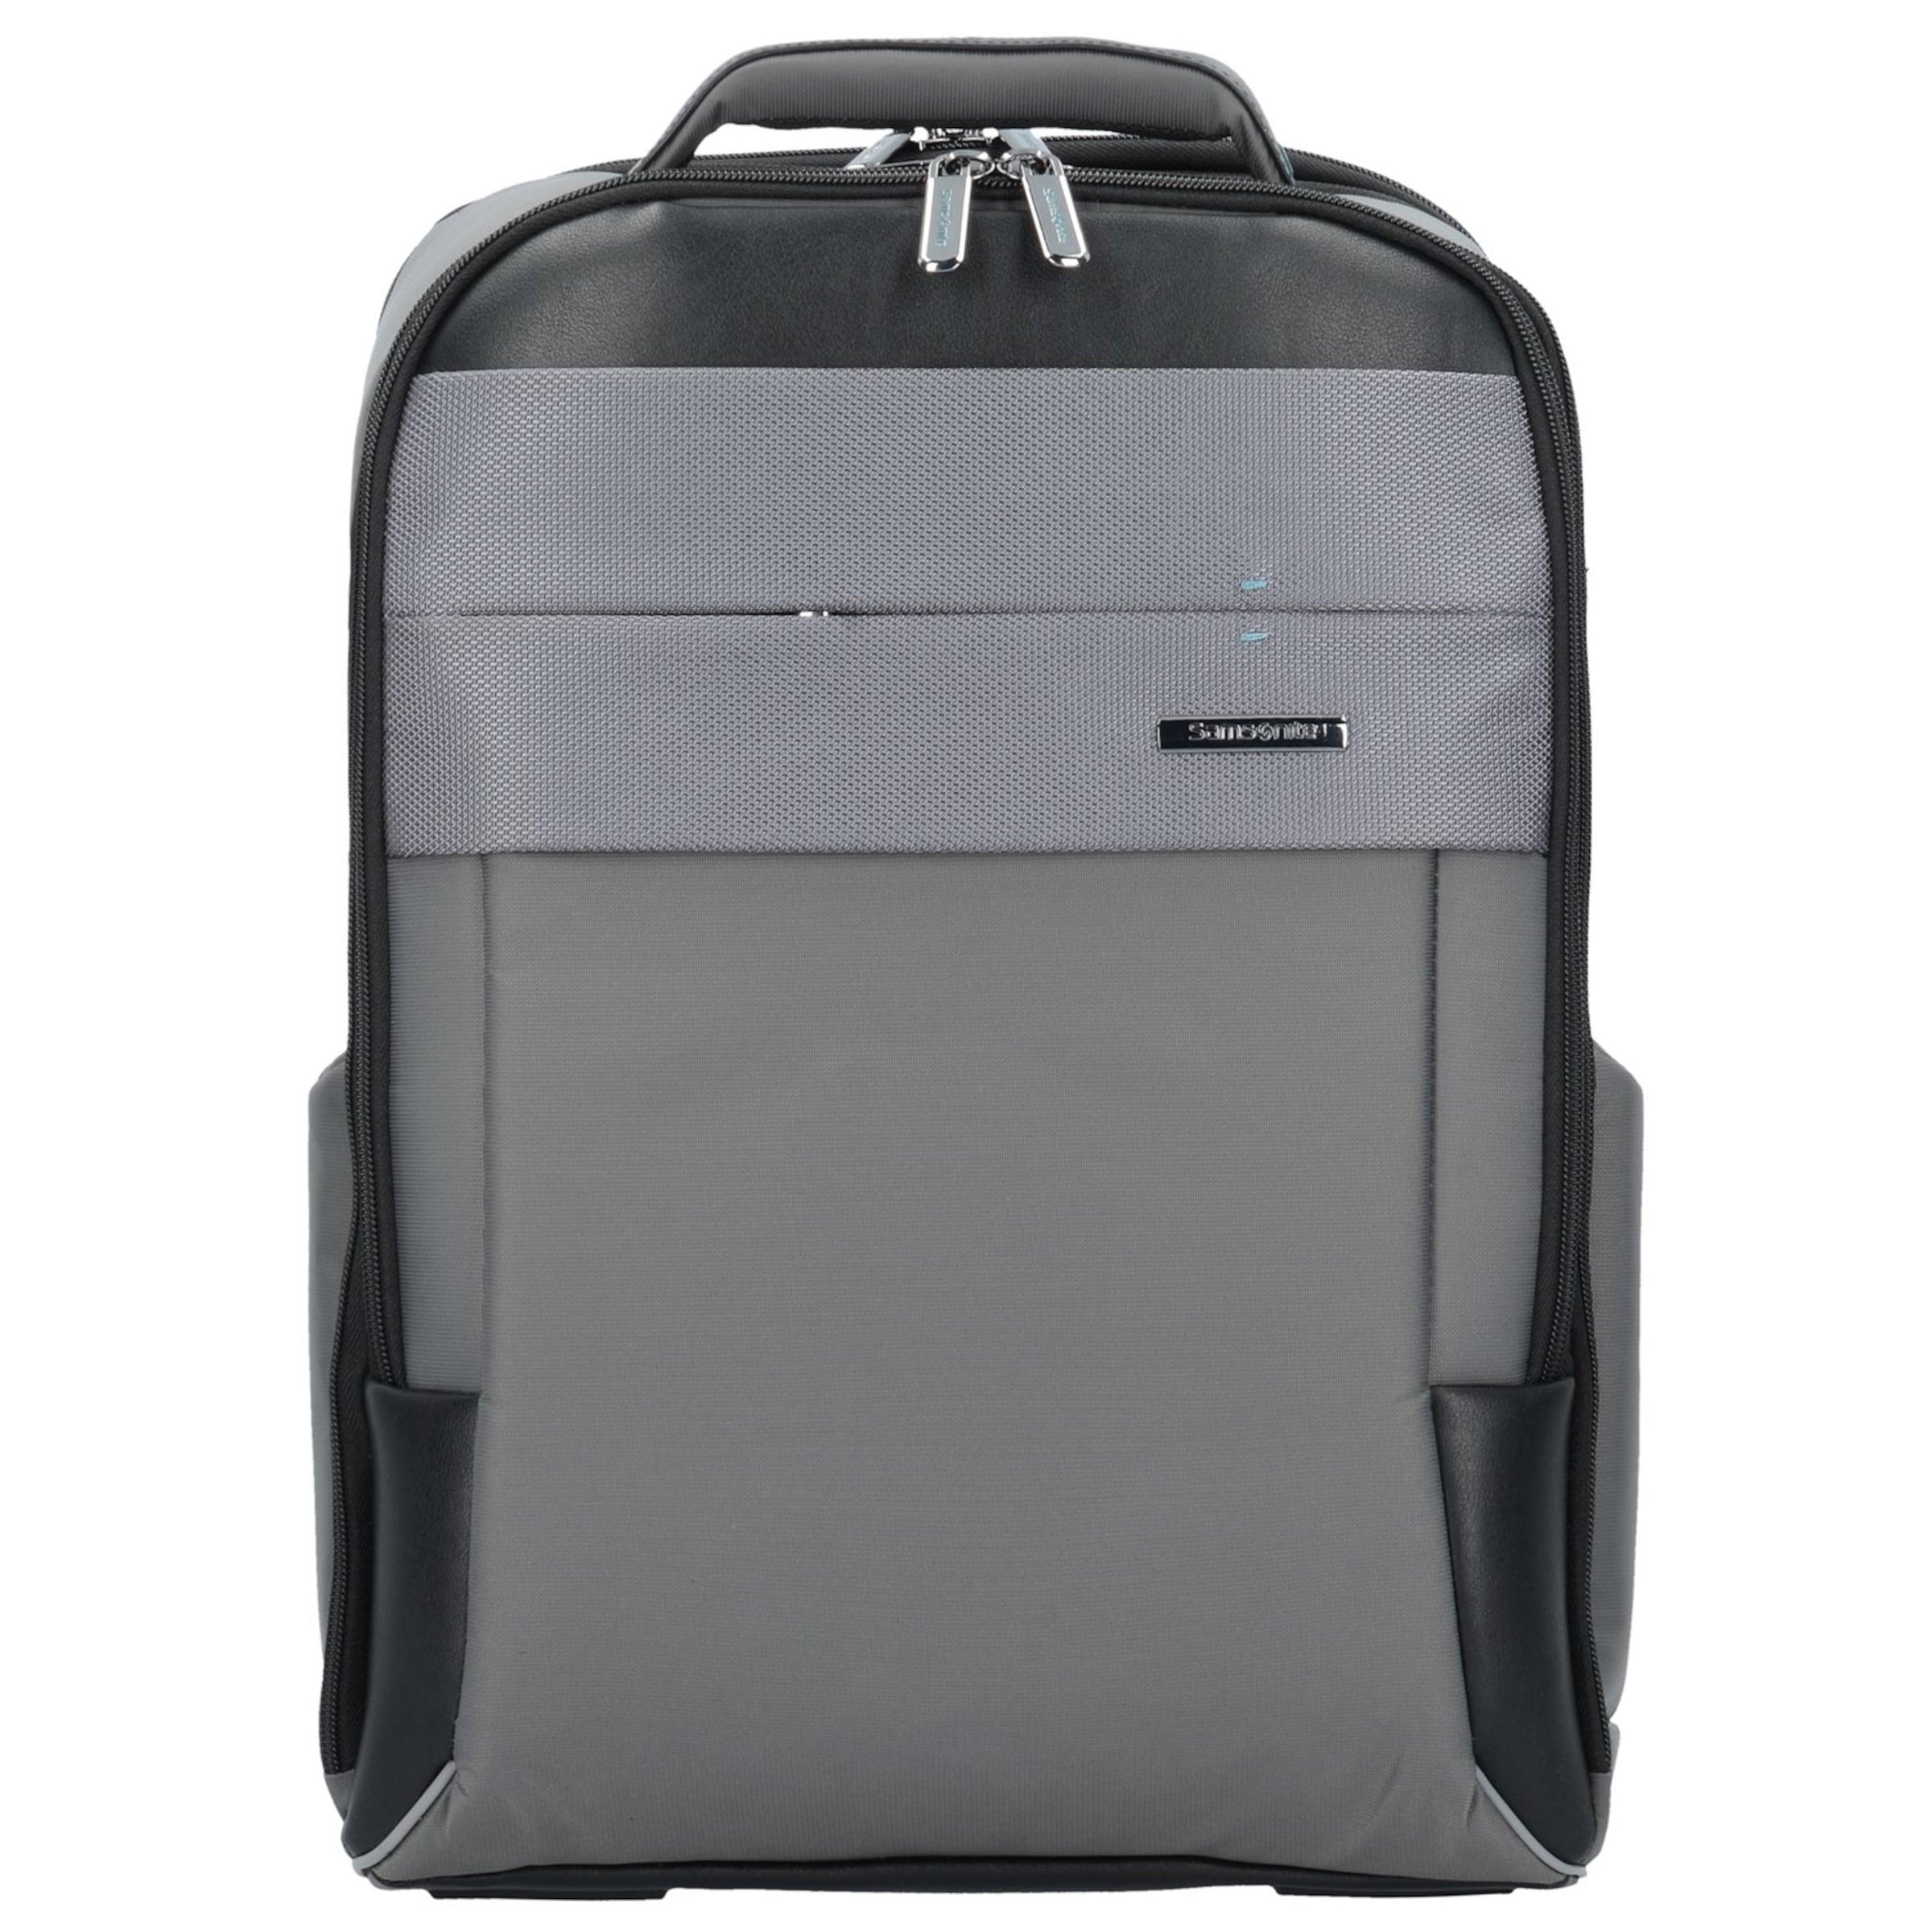 Cm 0 GrauSchwarz Spectrolite Rucksack In Samsonite 46 Laptopfach 2 WEIYD29H